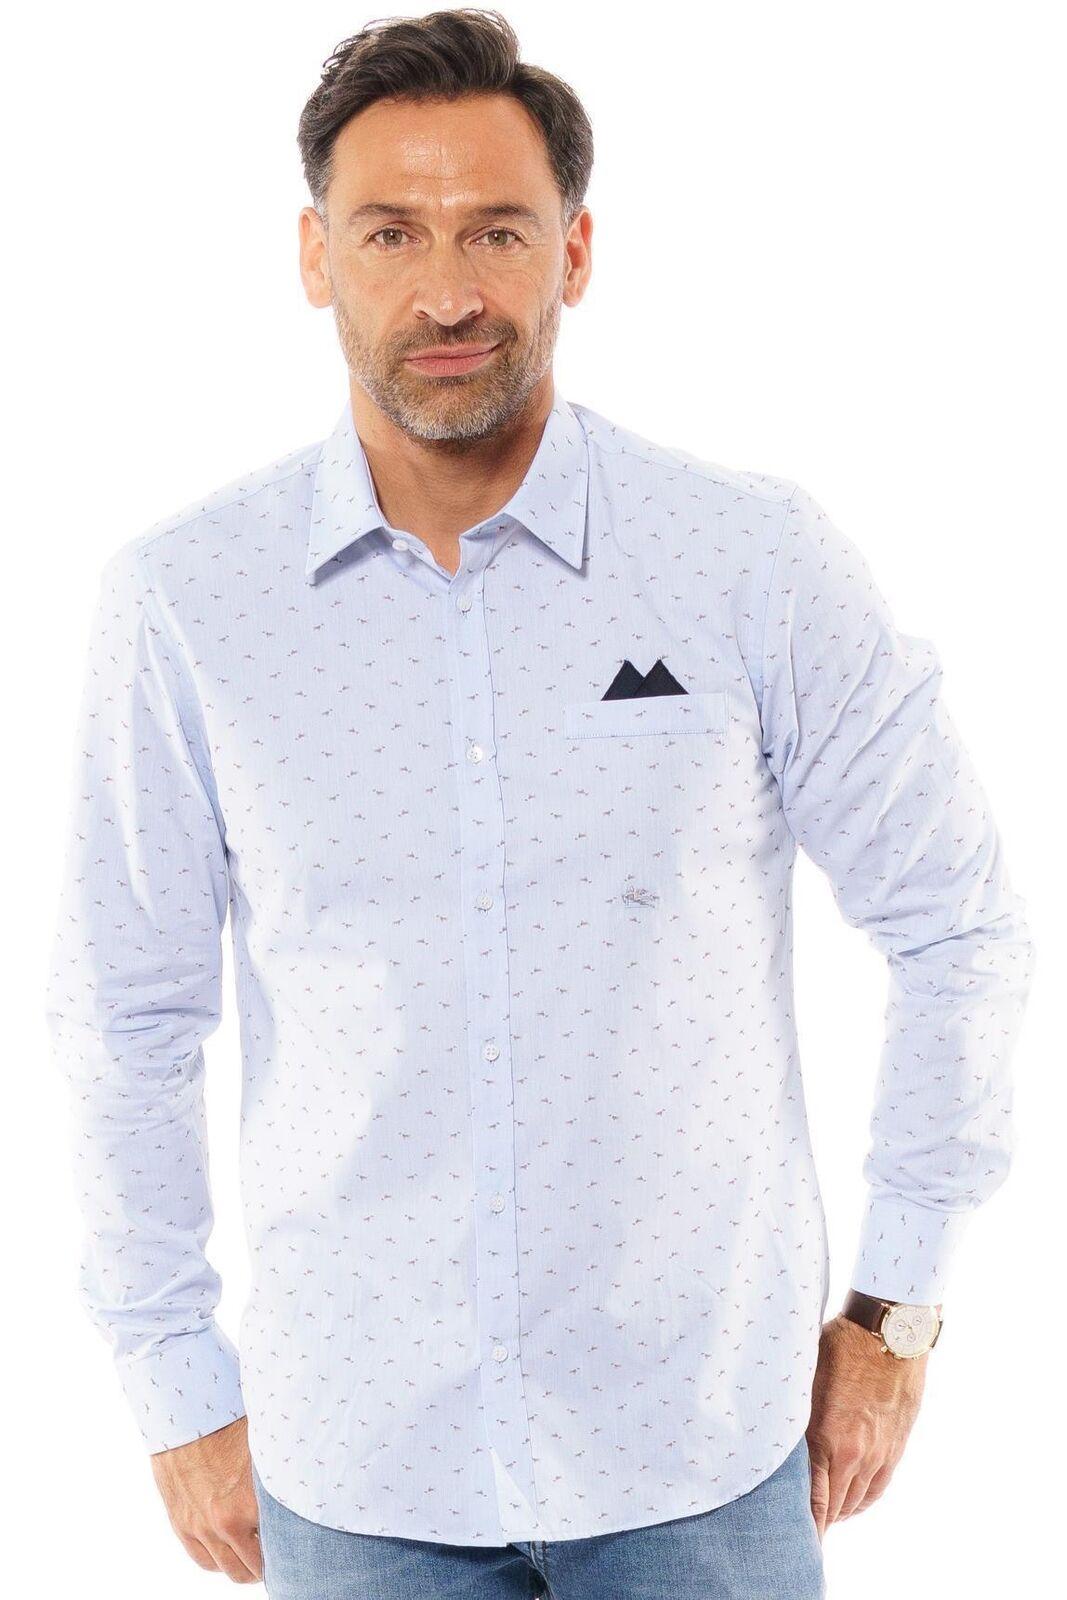 ETRO - Hemd Herren langarm blau Business Oberteil Premium Shirt     | Stilvoll und lustig